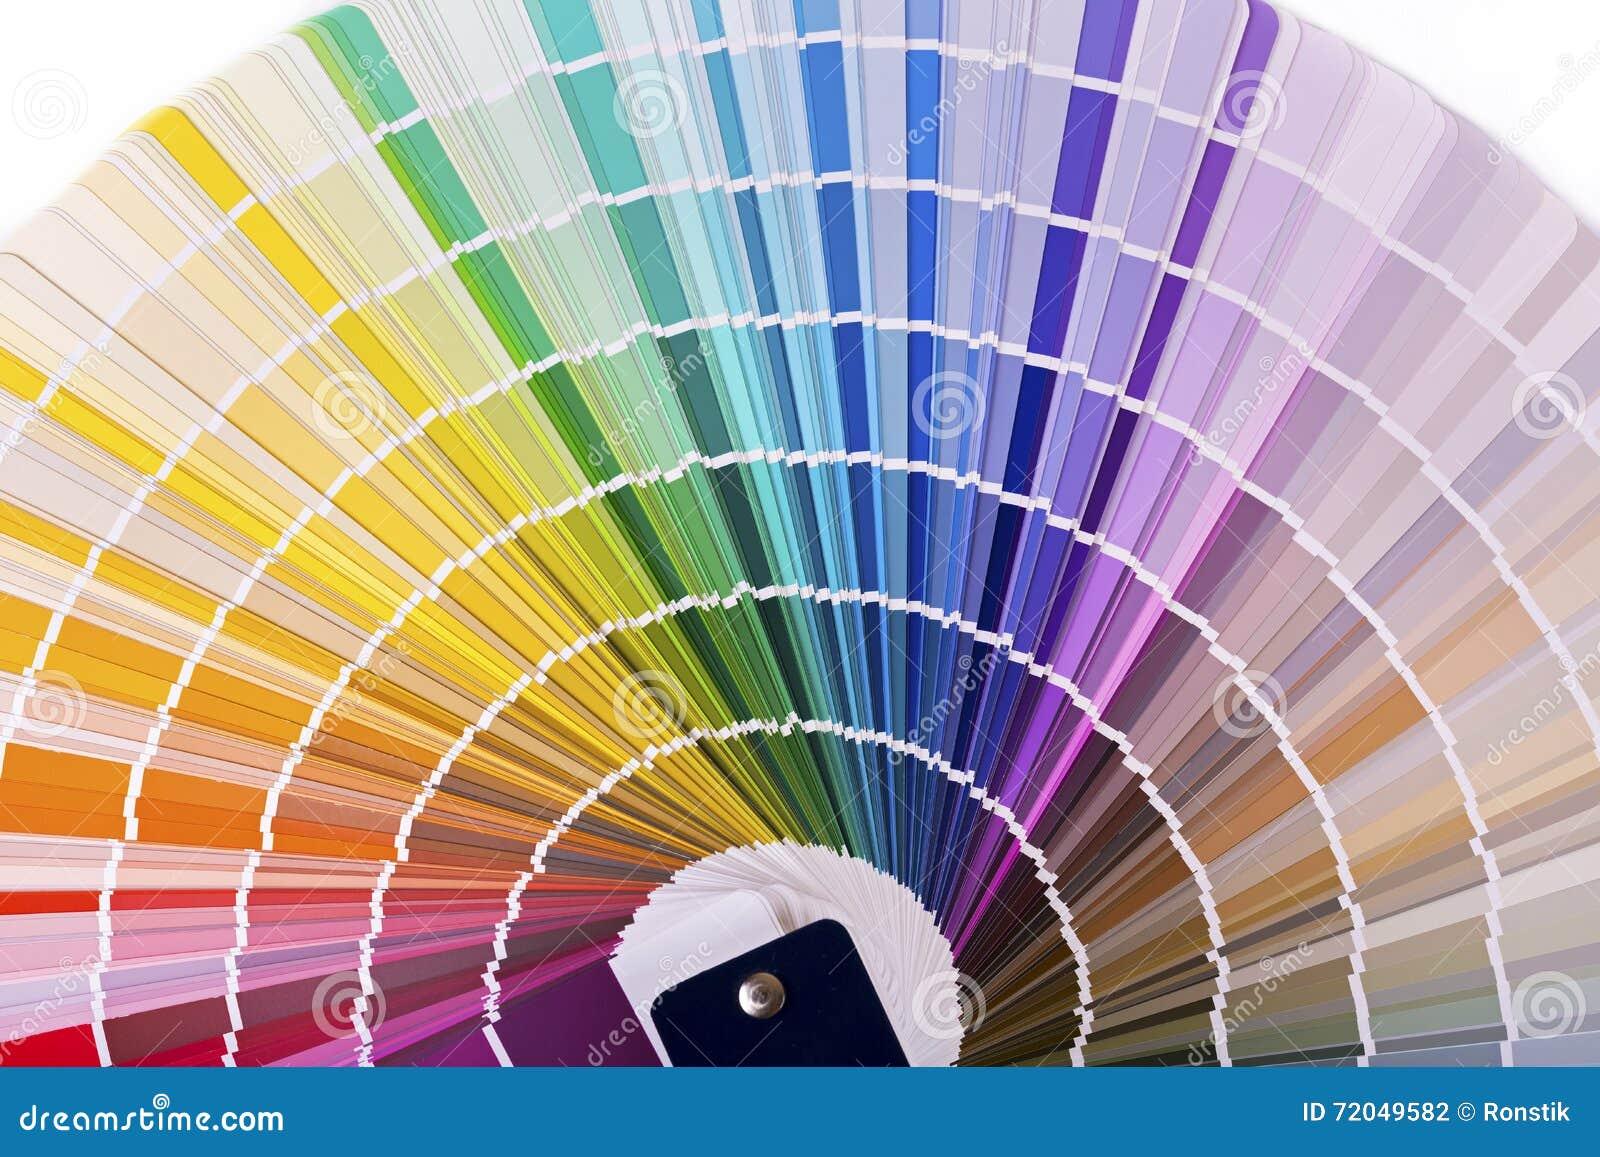 Catalogue de couleur de peinture murale meilleures - Catalogue couleur peinture astral ...